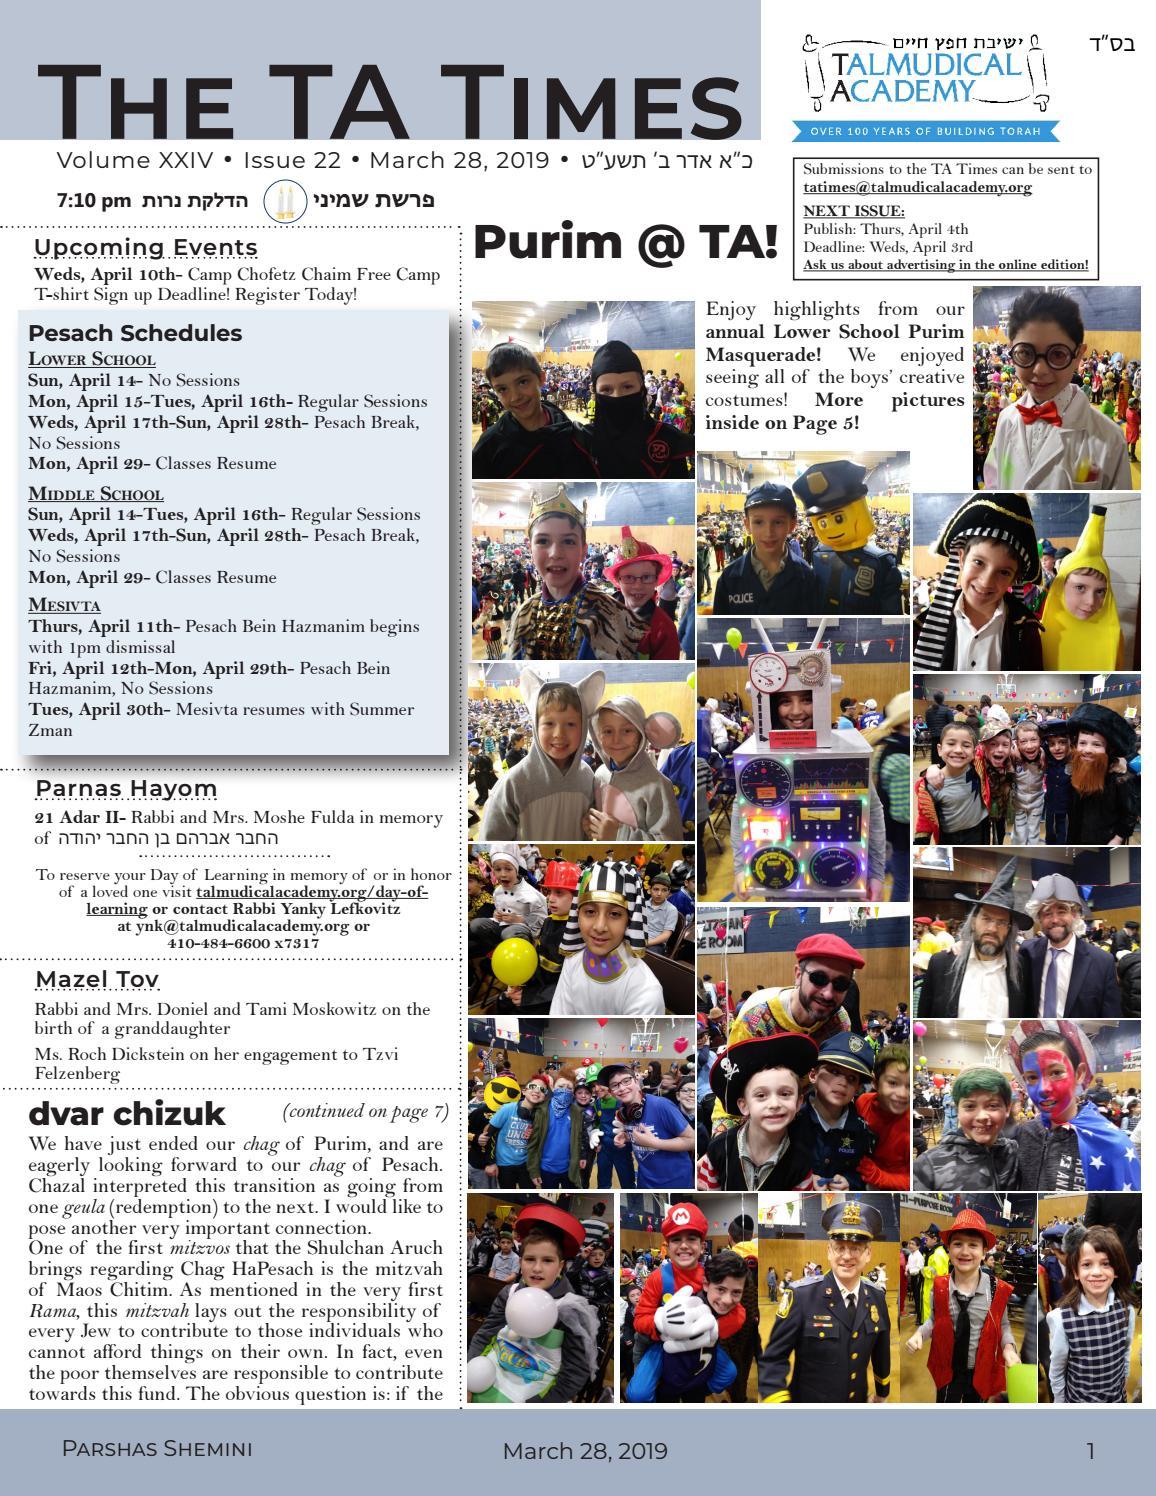 TA Times 10 22 by Yaakov Berkowitz - issuu